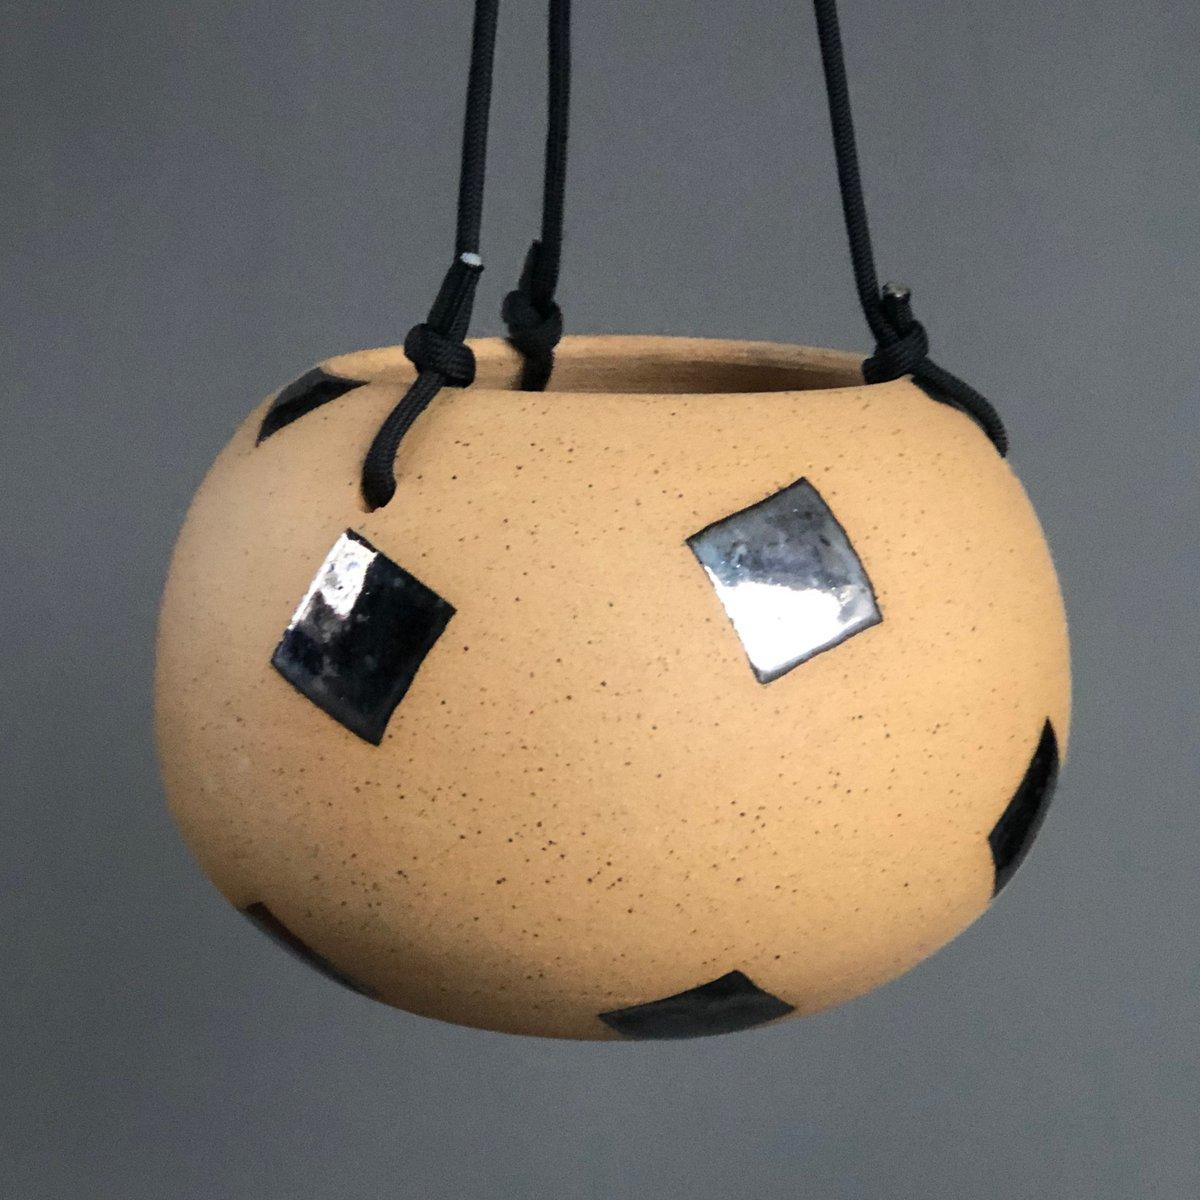 Image of Confetti upside down planter